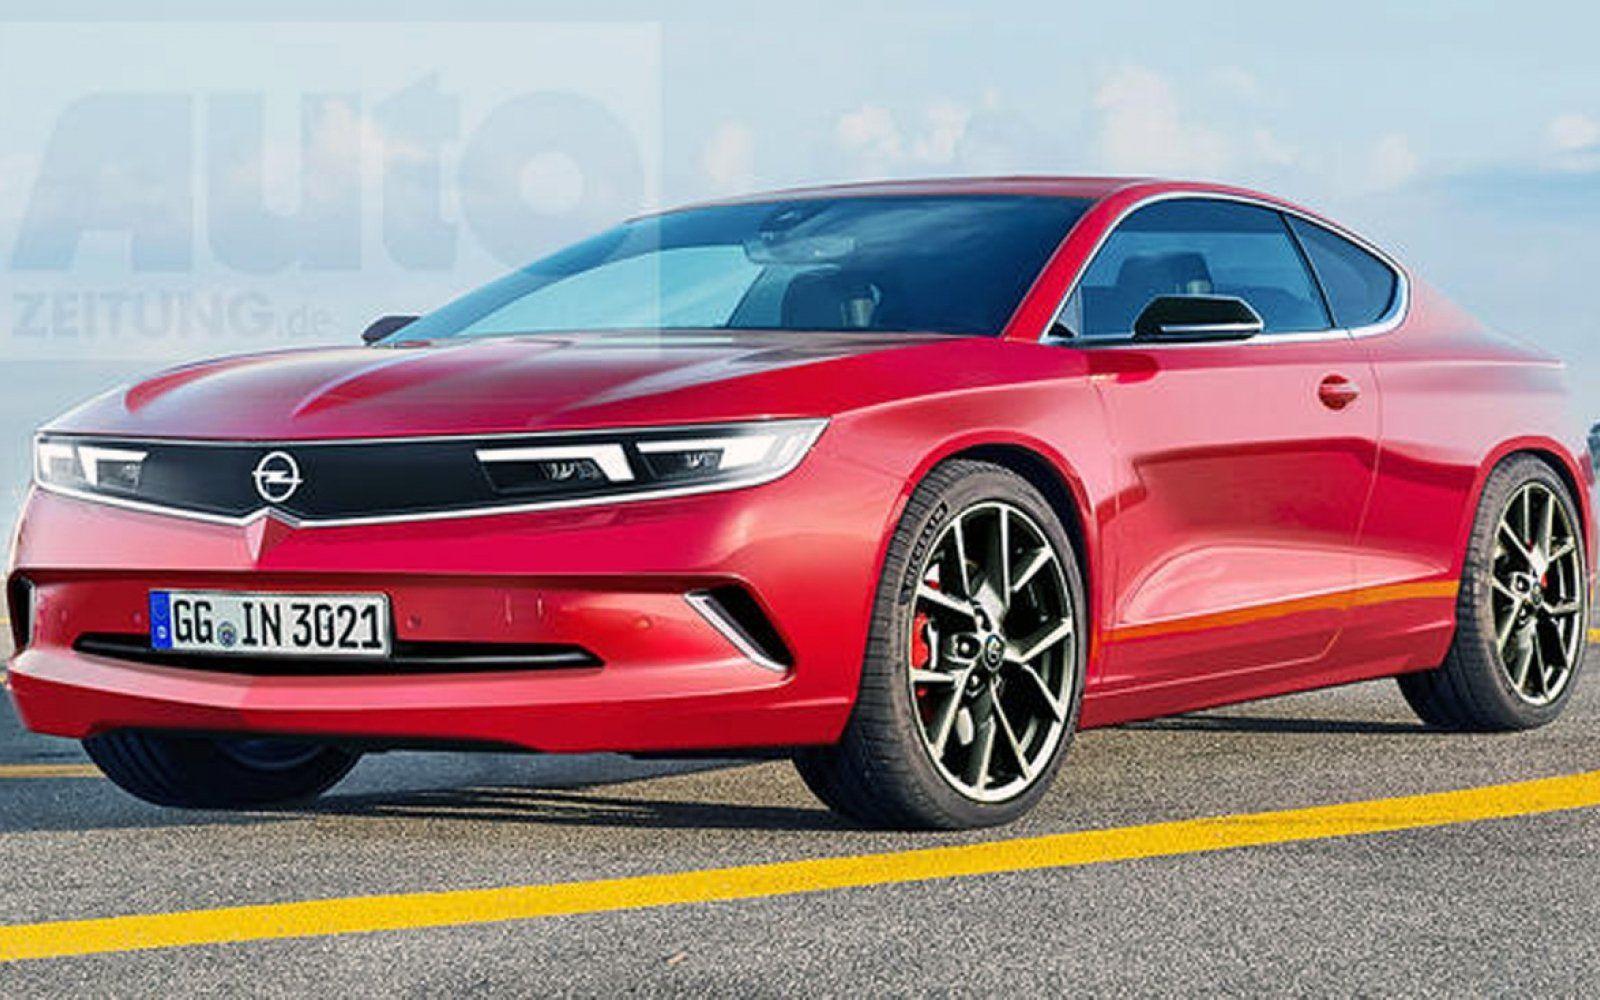 Nieuwe Opel Manta In 2022 Het Kan Zomaar Gebeuren In 2020 Compacte Suv Peugeot General Motors